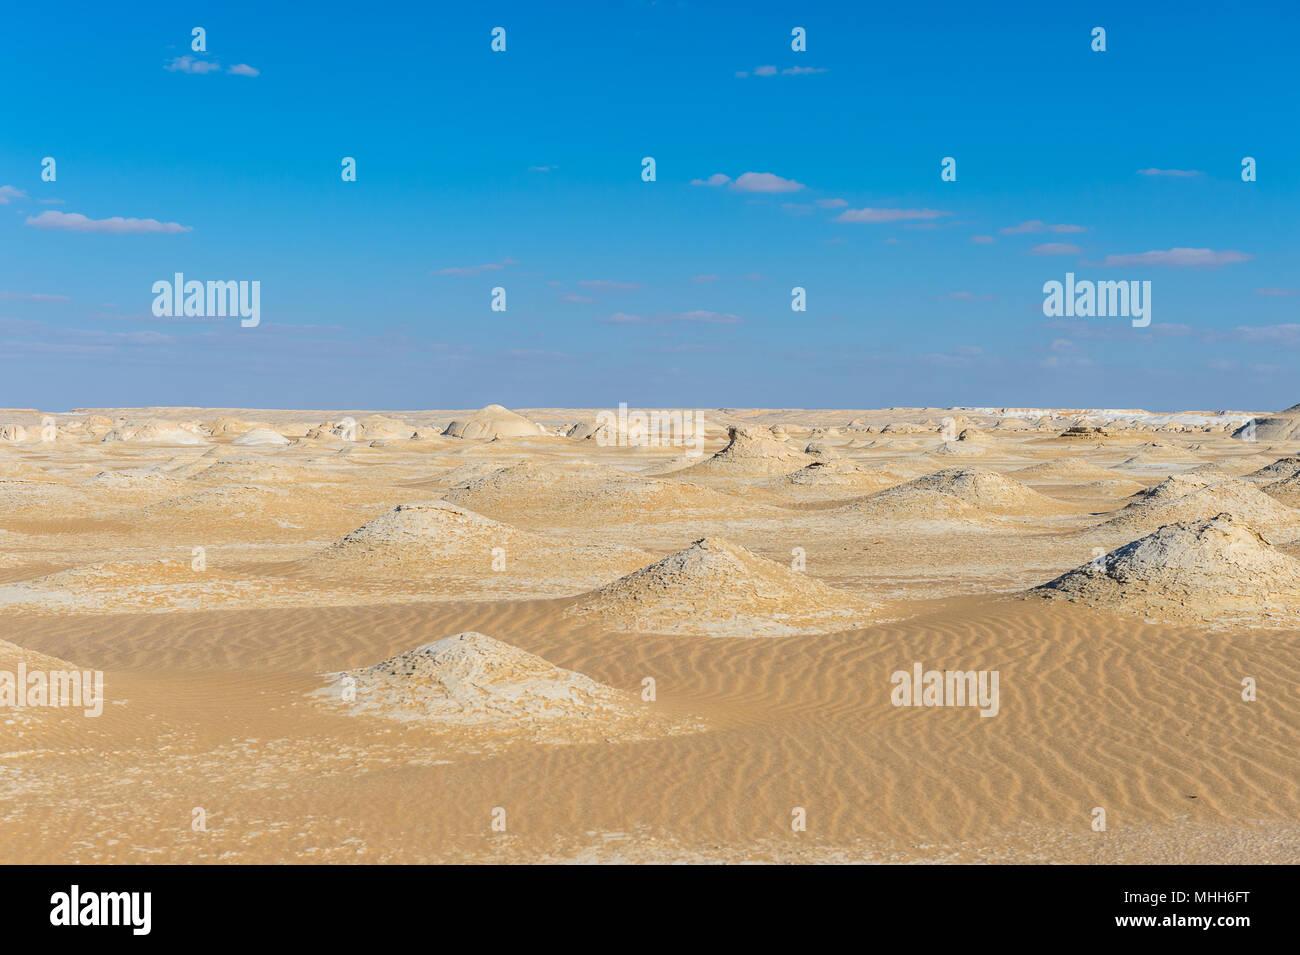 Weiße Wüste Formationen an der Weissen Wüste in Ägypten Stockbild